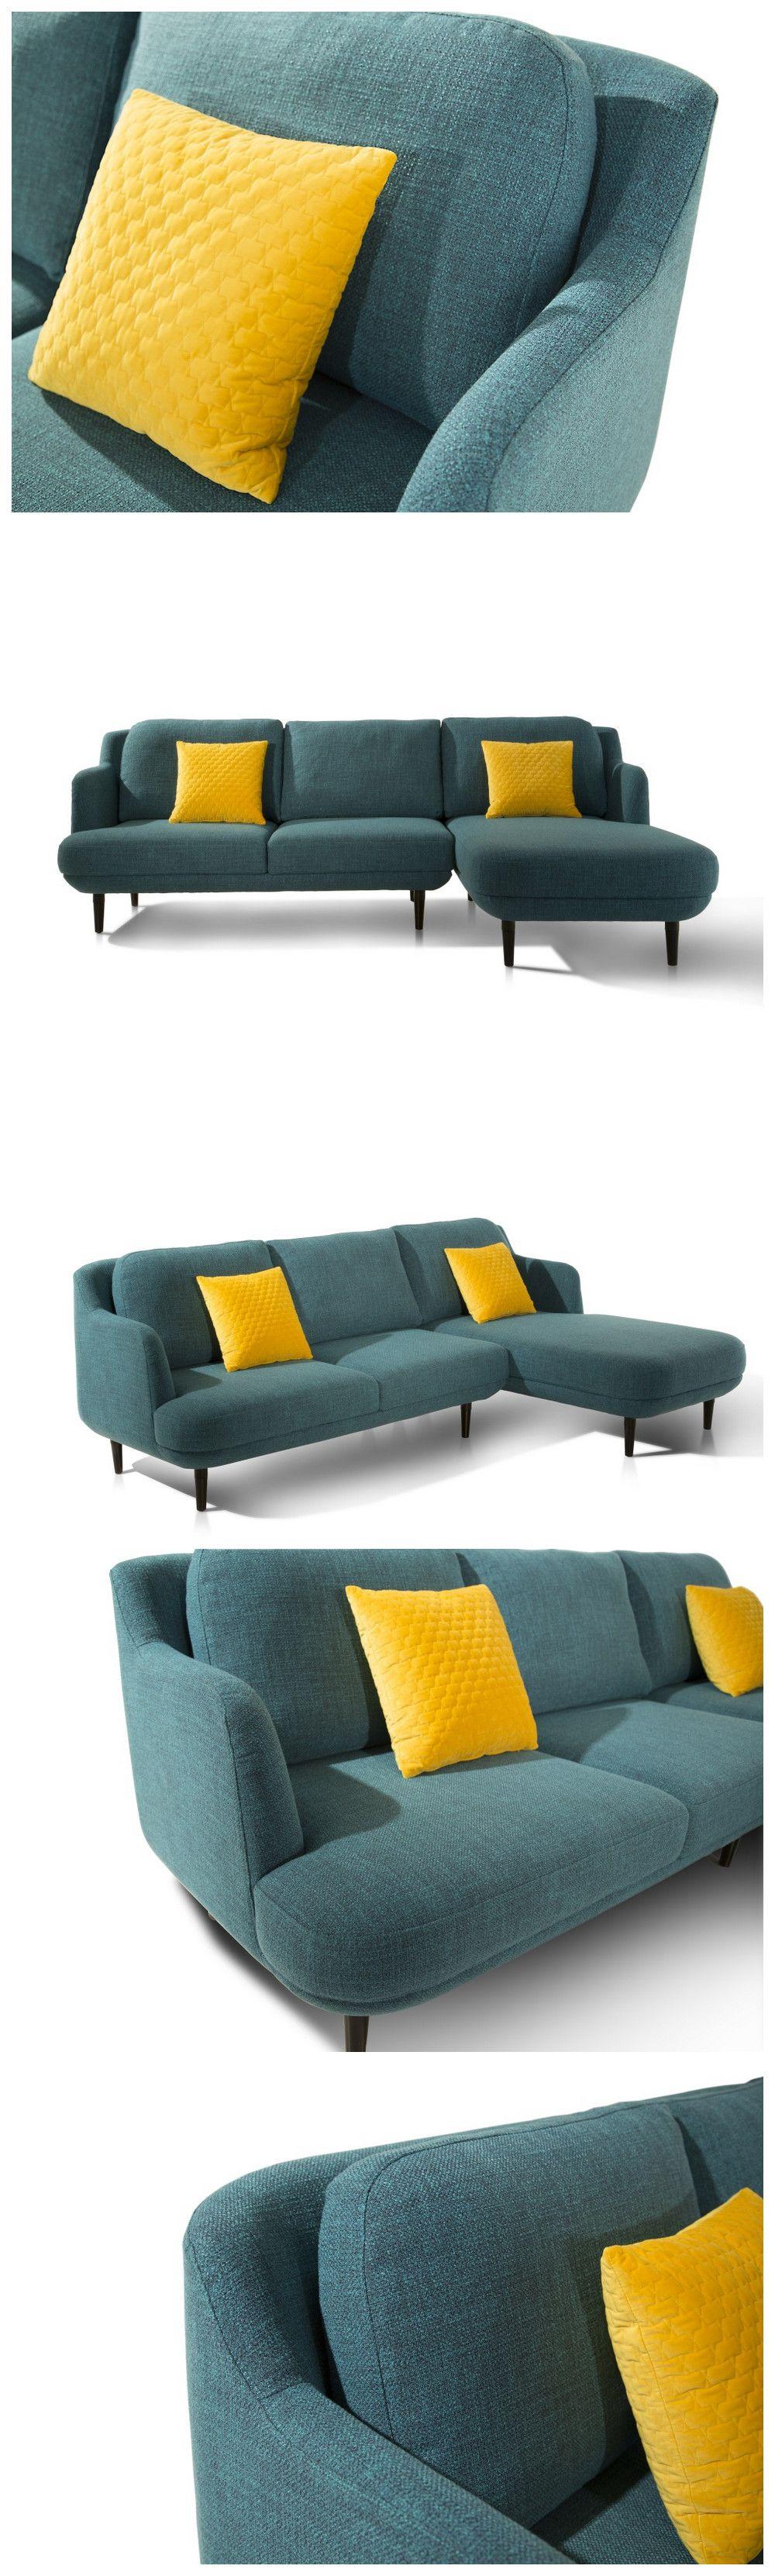 Super september fancy living room furniture wooden sofa set designs